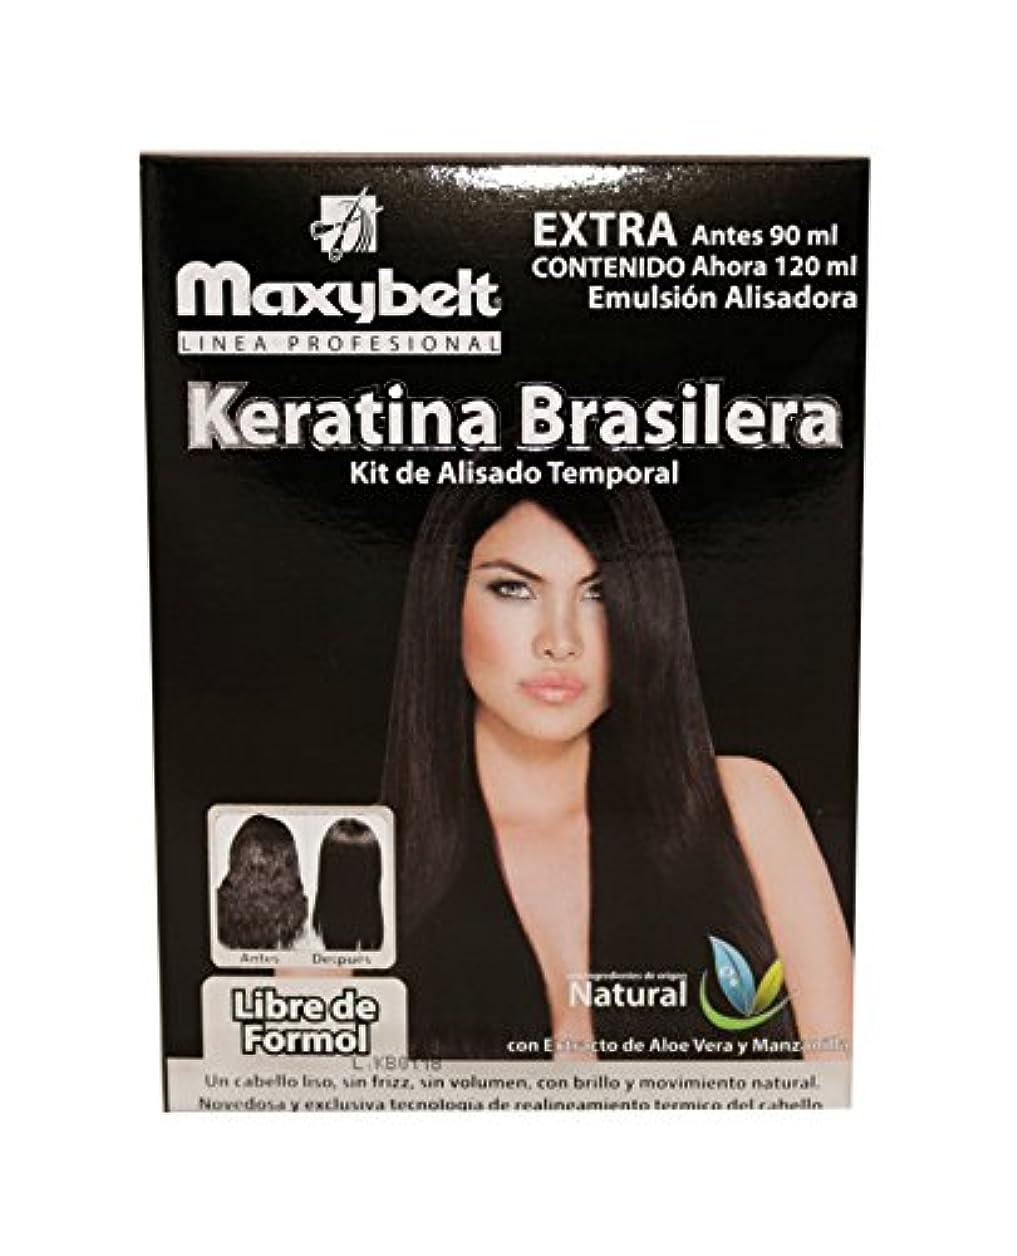 困惑現像疑問を超えてmaxybelt Kit Keratinブラジル - 120 ml